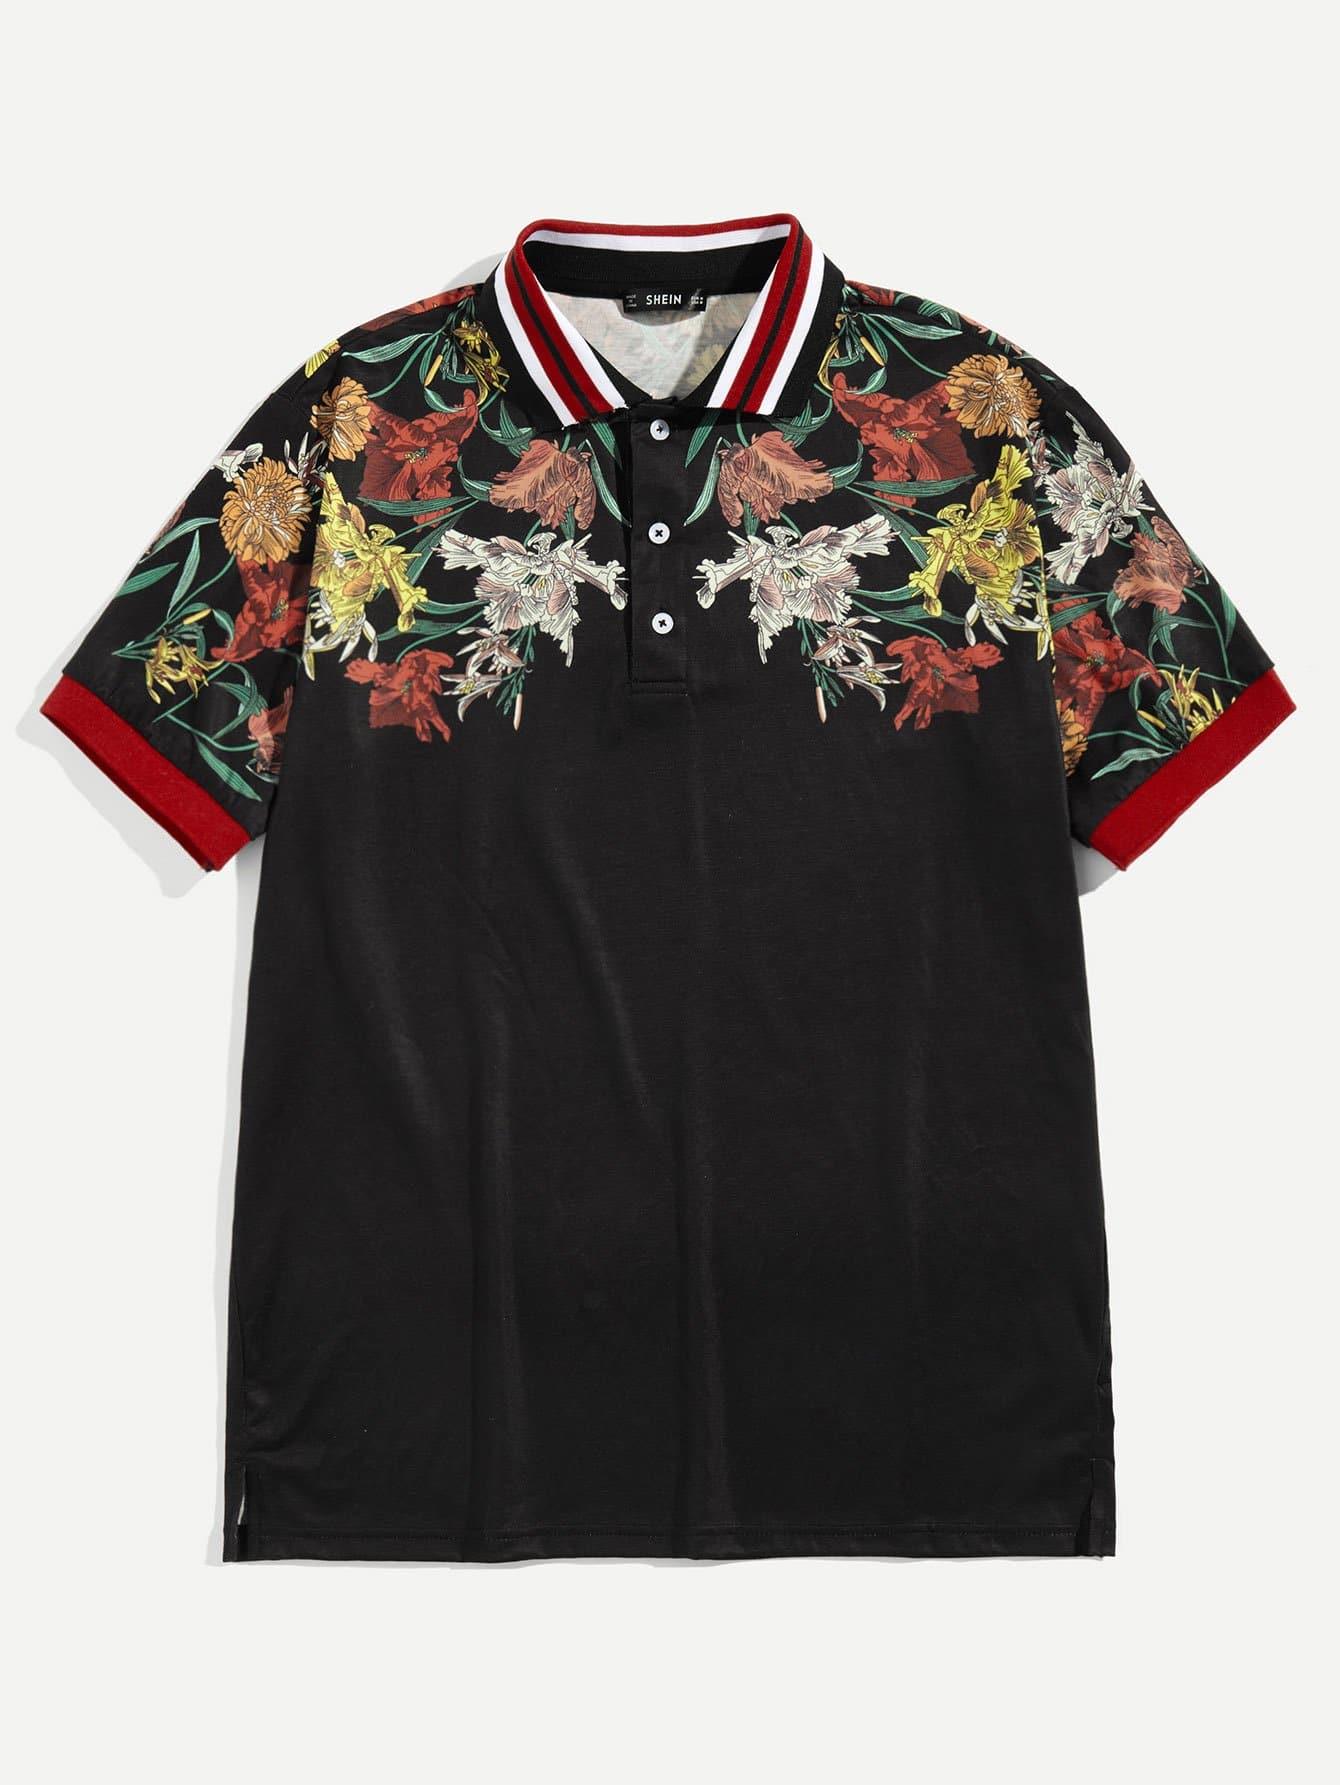 Купить Для мужчин поло рубашка с цветочным принтом, null, SheIn